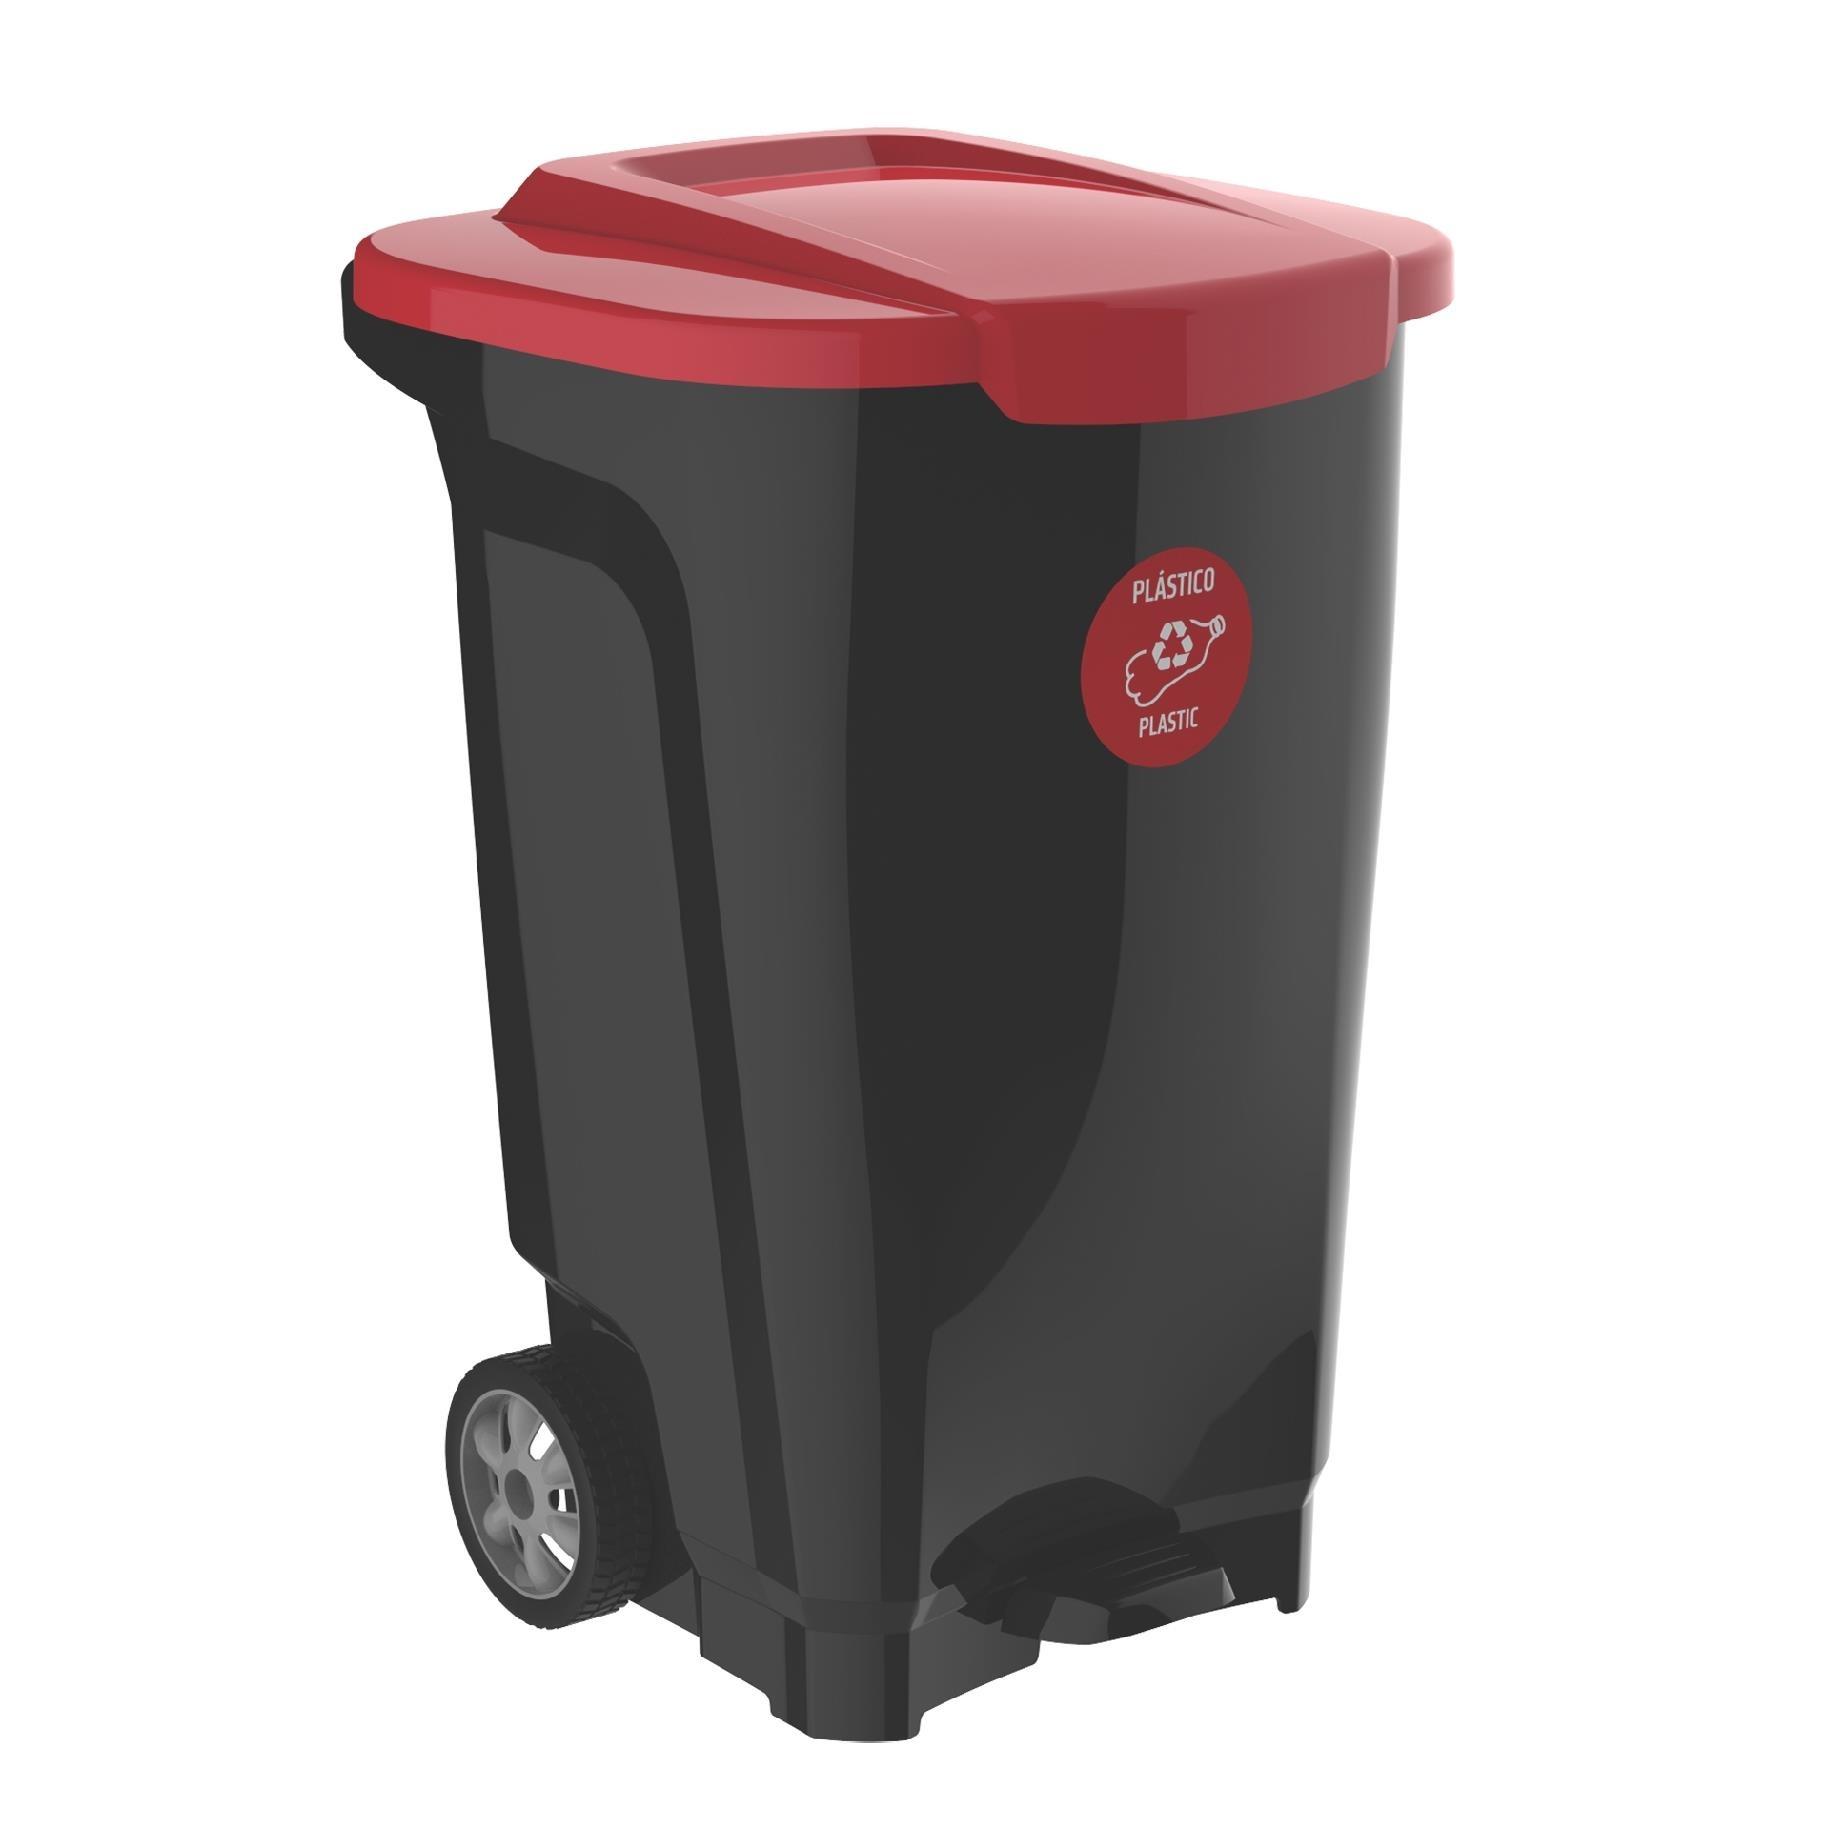 Lixeira de Plastico com Pedal 100L Vermelha - Tramontina